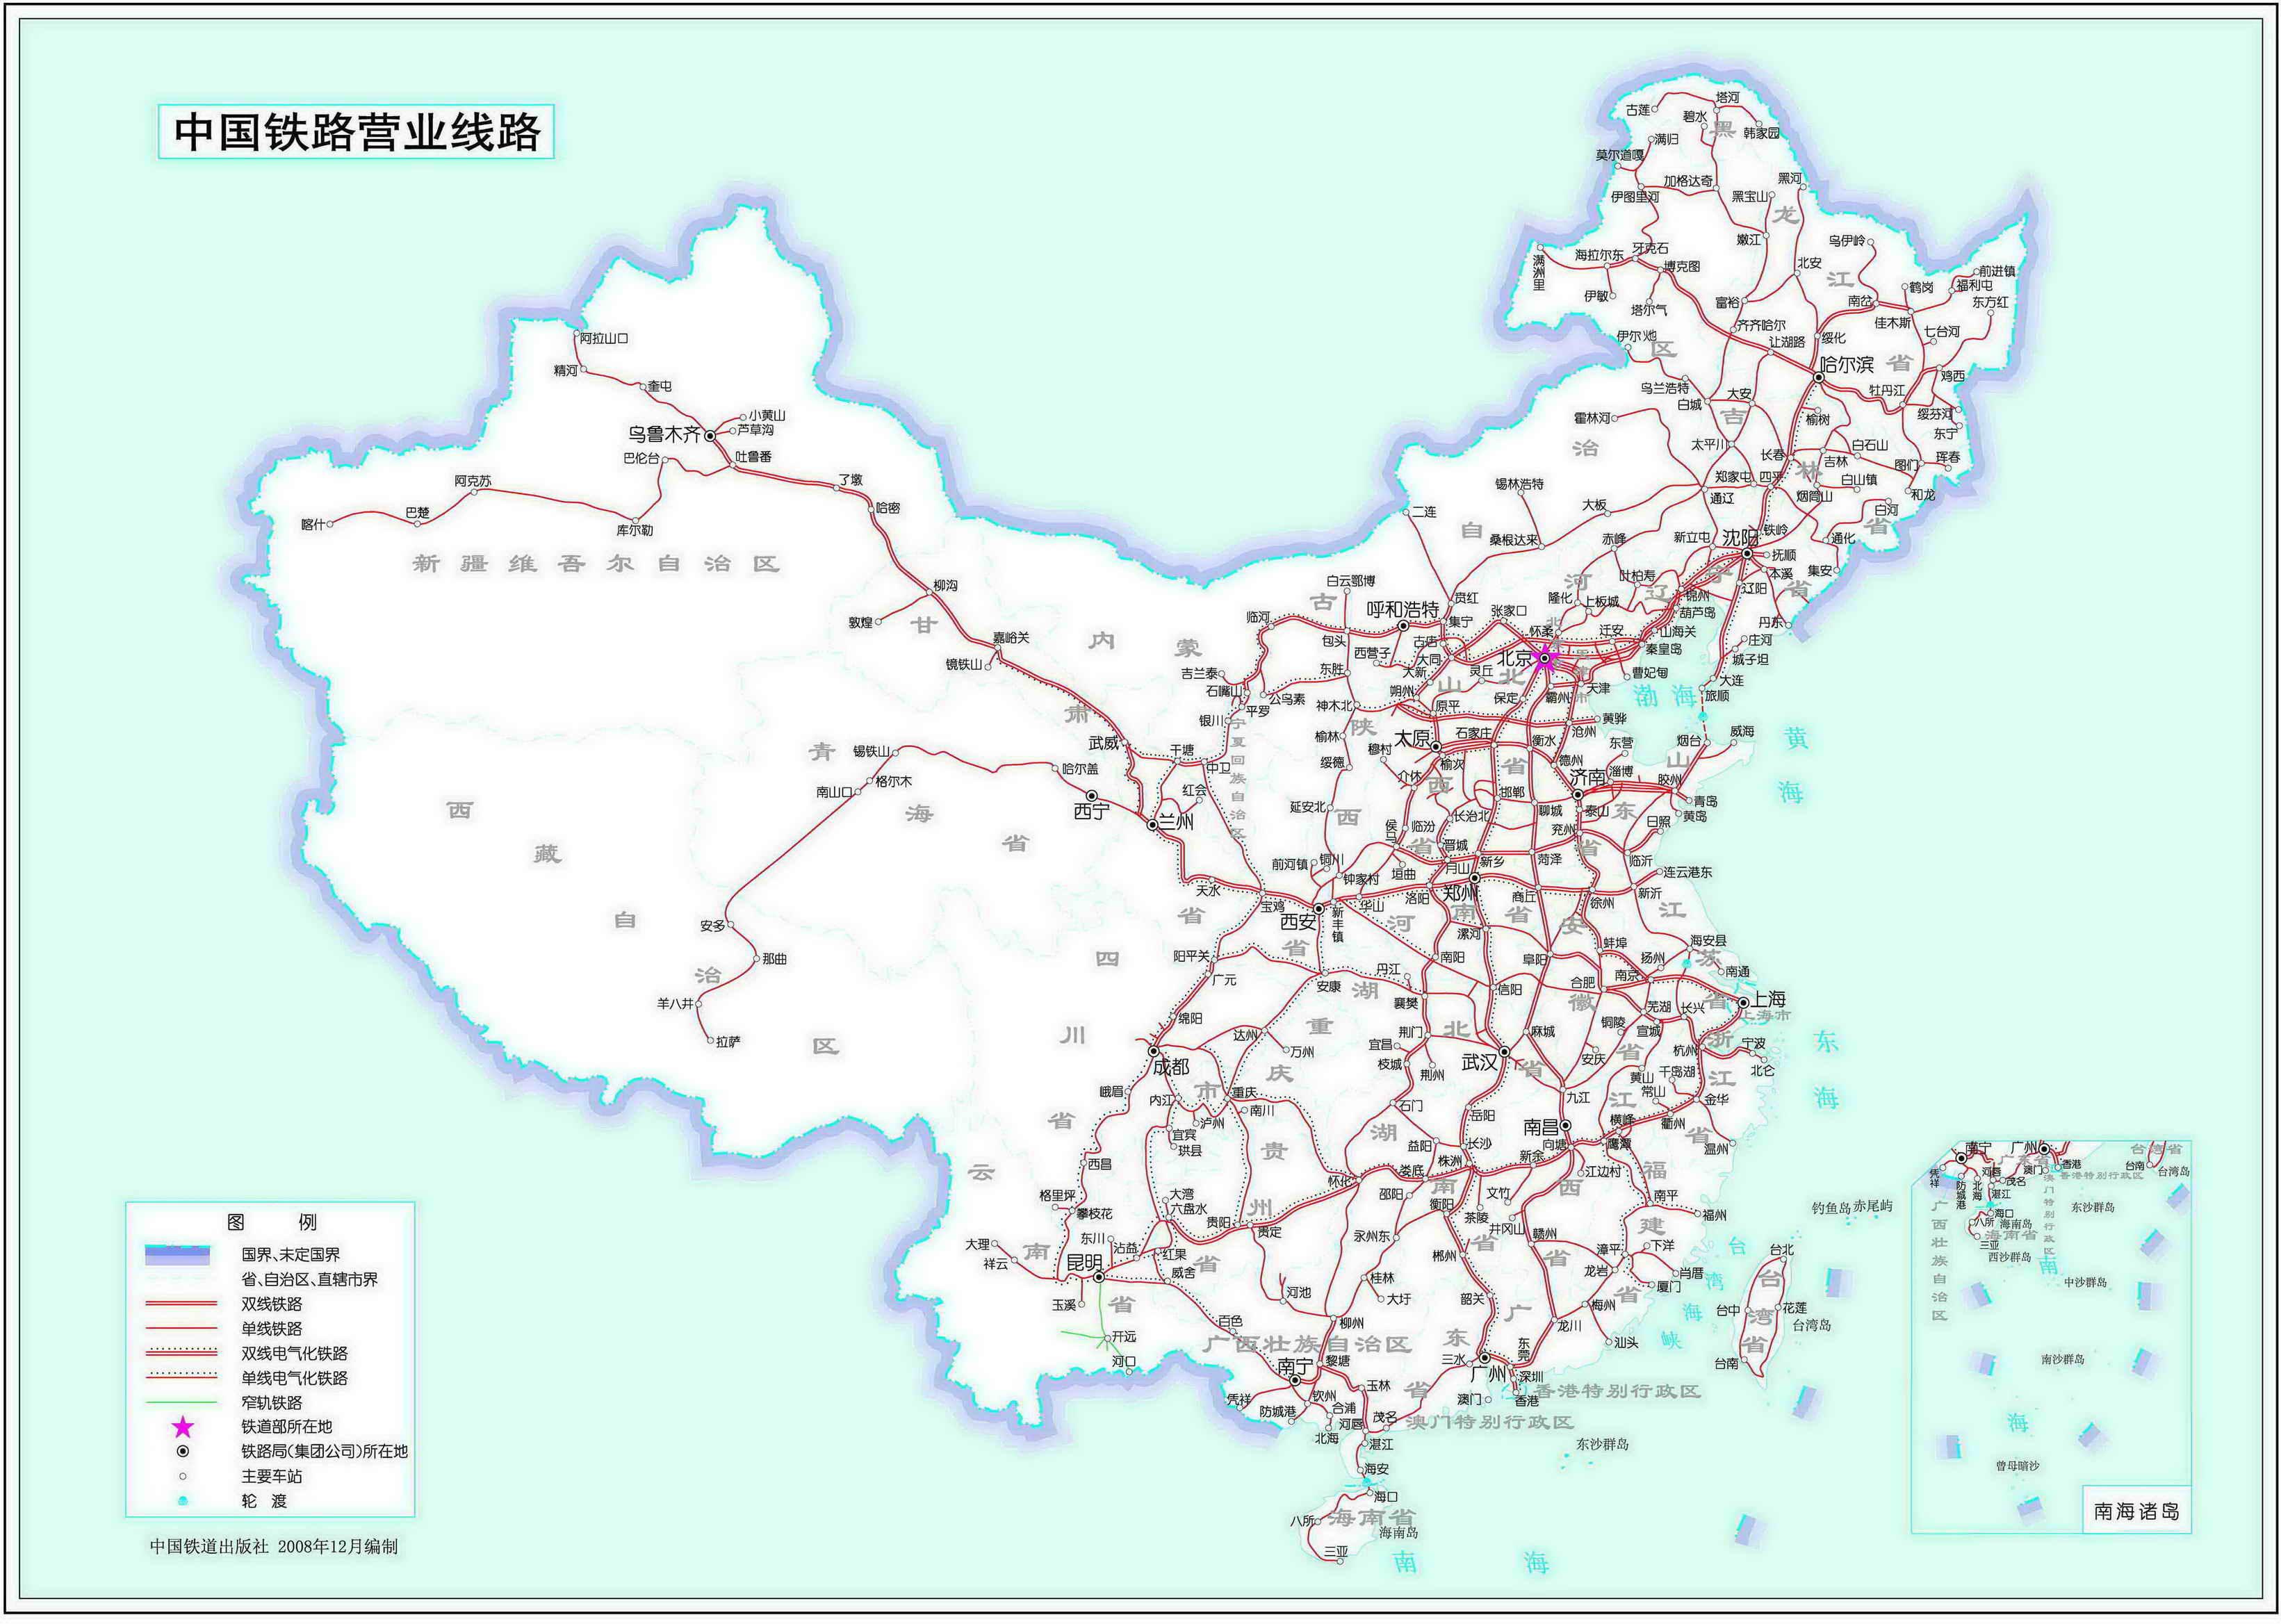 中国铁路网_中国铁路地图_铁路图_铁路线路图